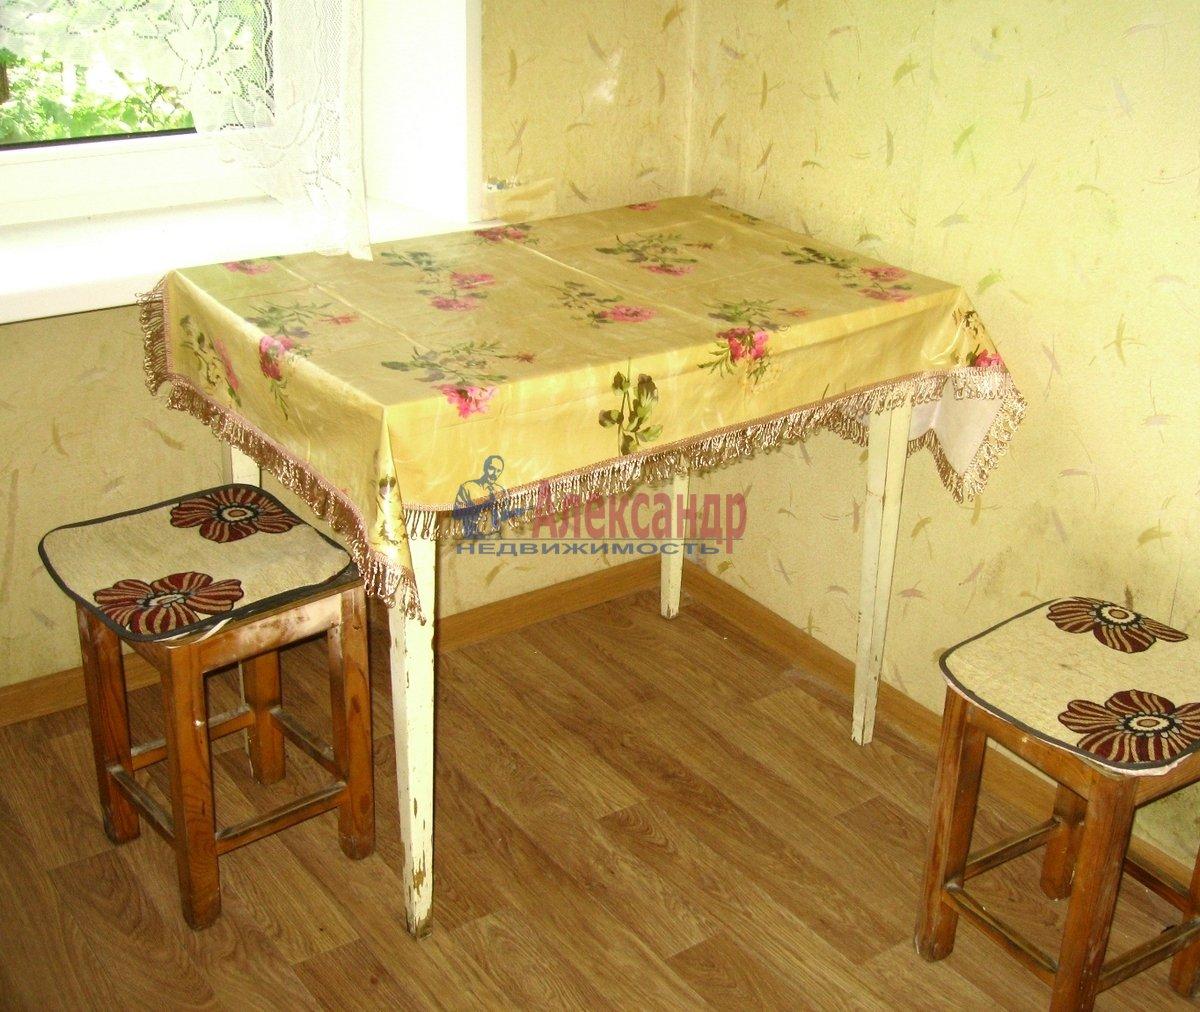 1-комнатная квартира (31м2) в аренду по адресу Матроса Железняка ул., 23— фото 4 из 8